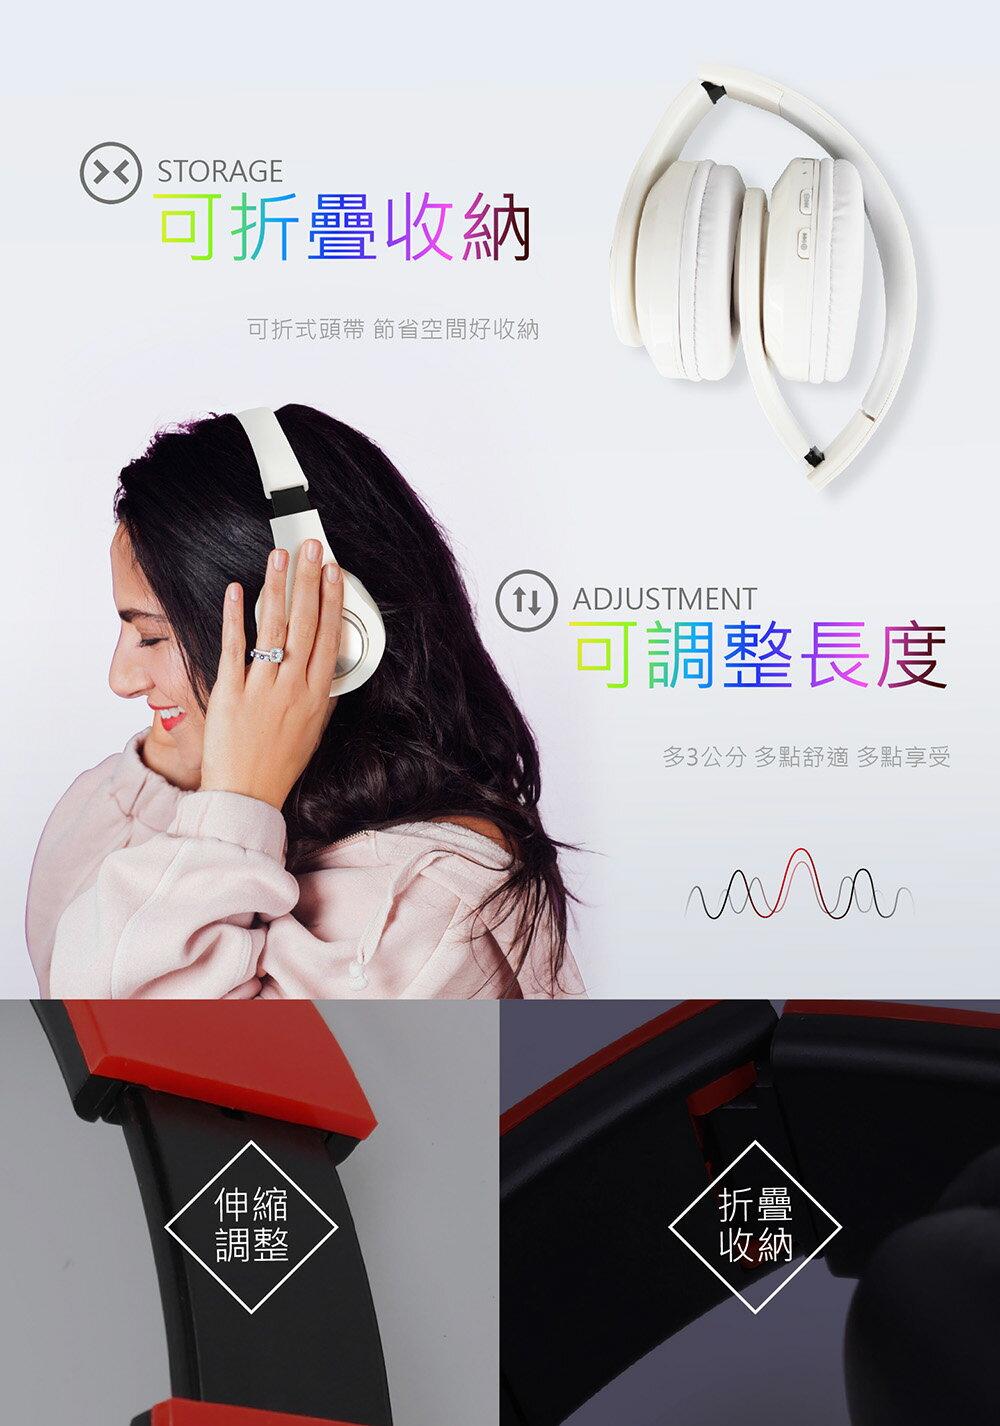 【耳罩式升級版!Wireless炫彩藍牙耳機】可插卡 耳罩式藍牙耳機 可折疊 無線藍芽耳機 藍芽耳機 藍牙 藍芽【DC065】 4